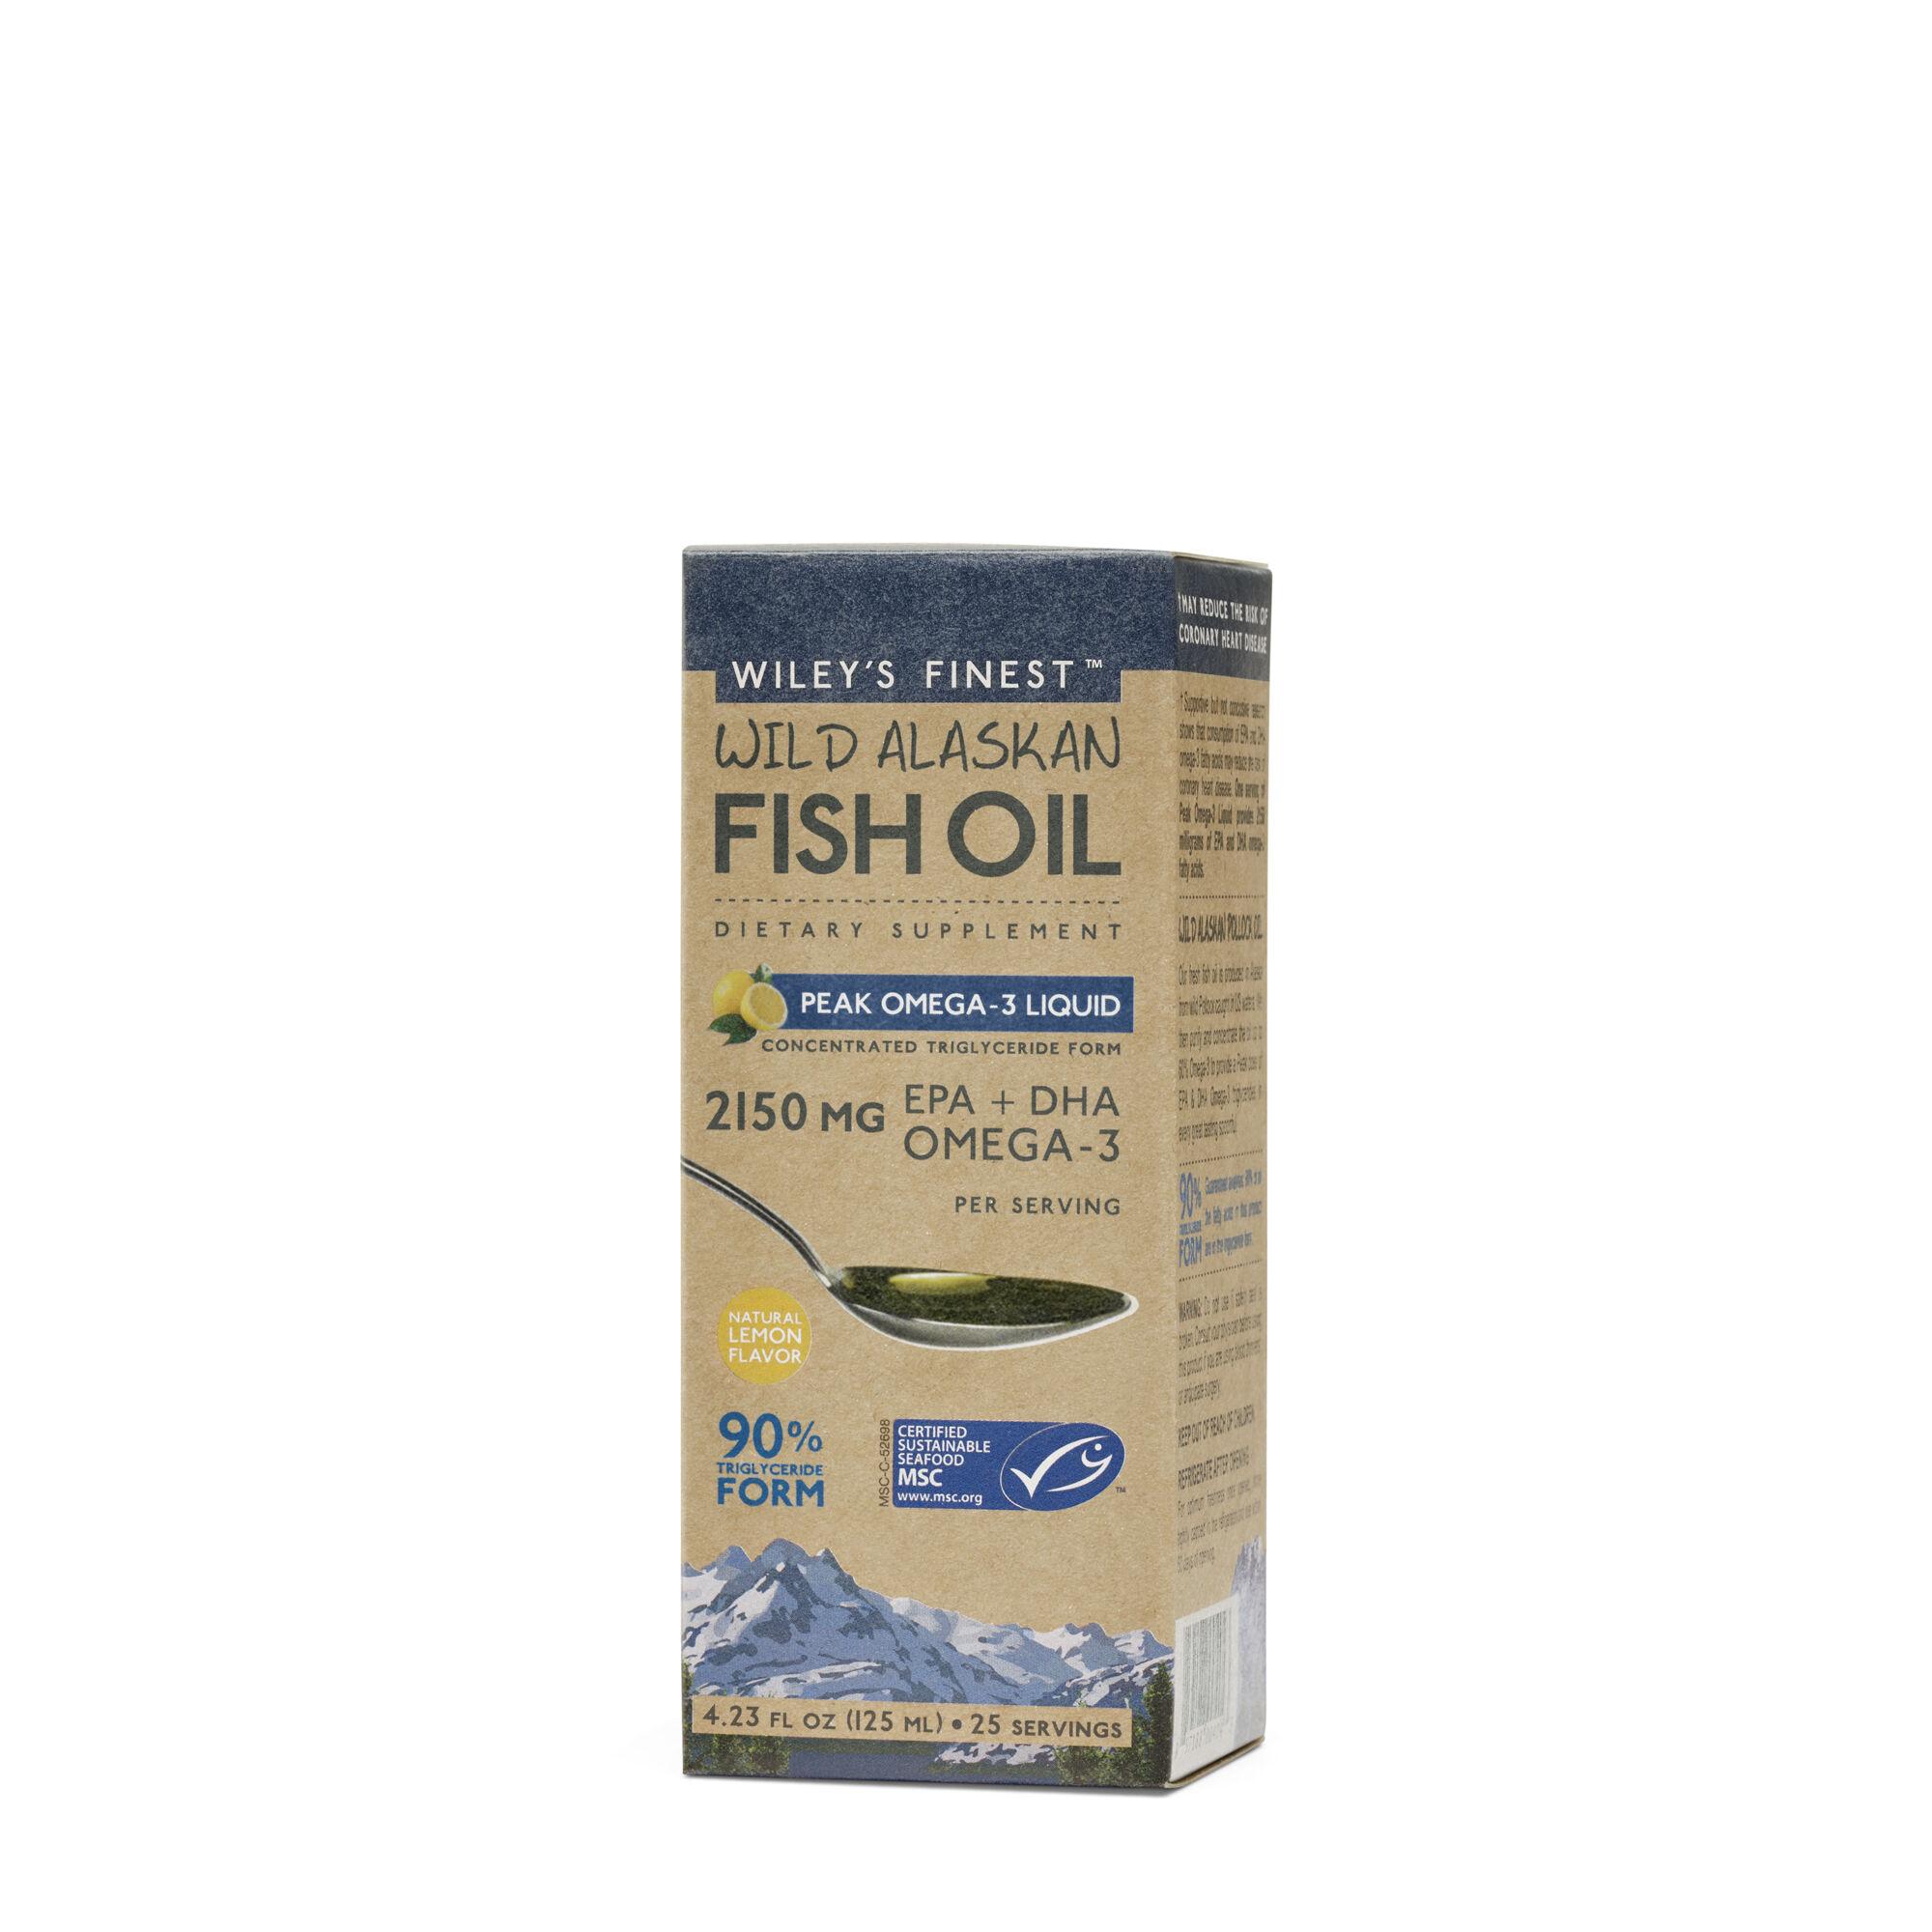 Wild Alaskan Fish Oil Peak Omega-3 Liquid 4.23 Fl. Oz. Wileys Finestg Omega Fatty Acids